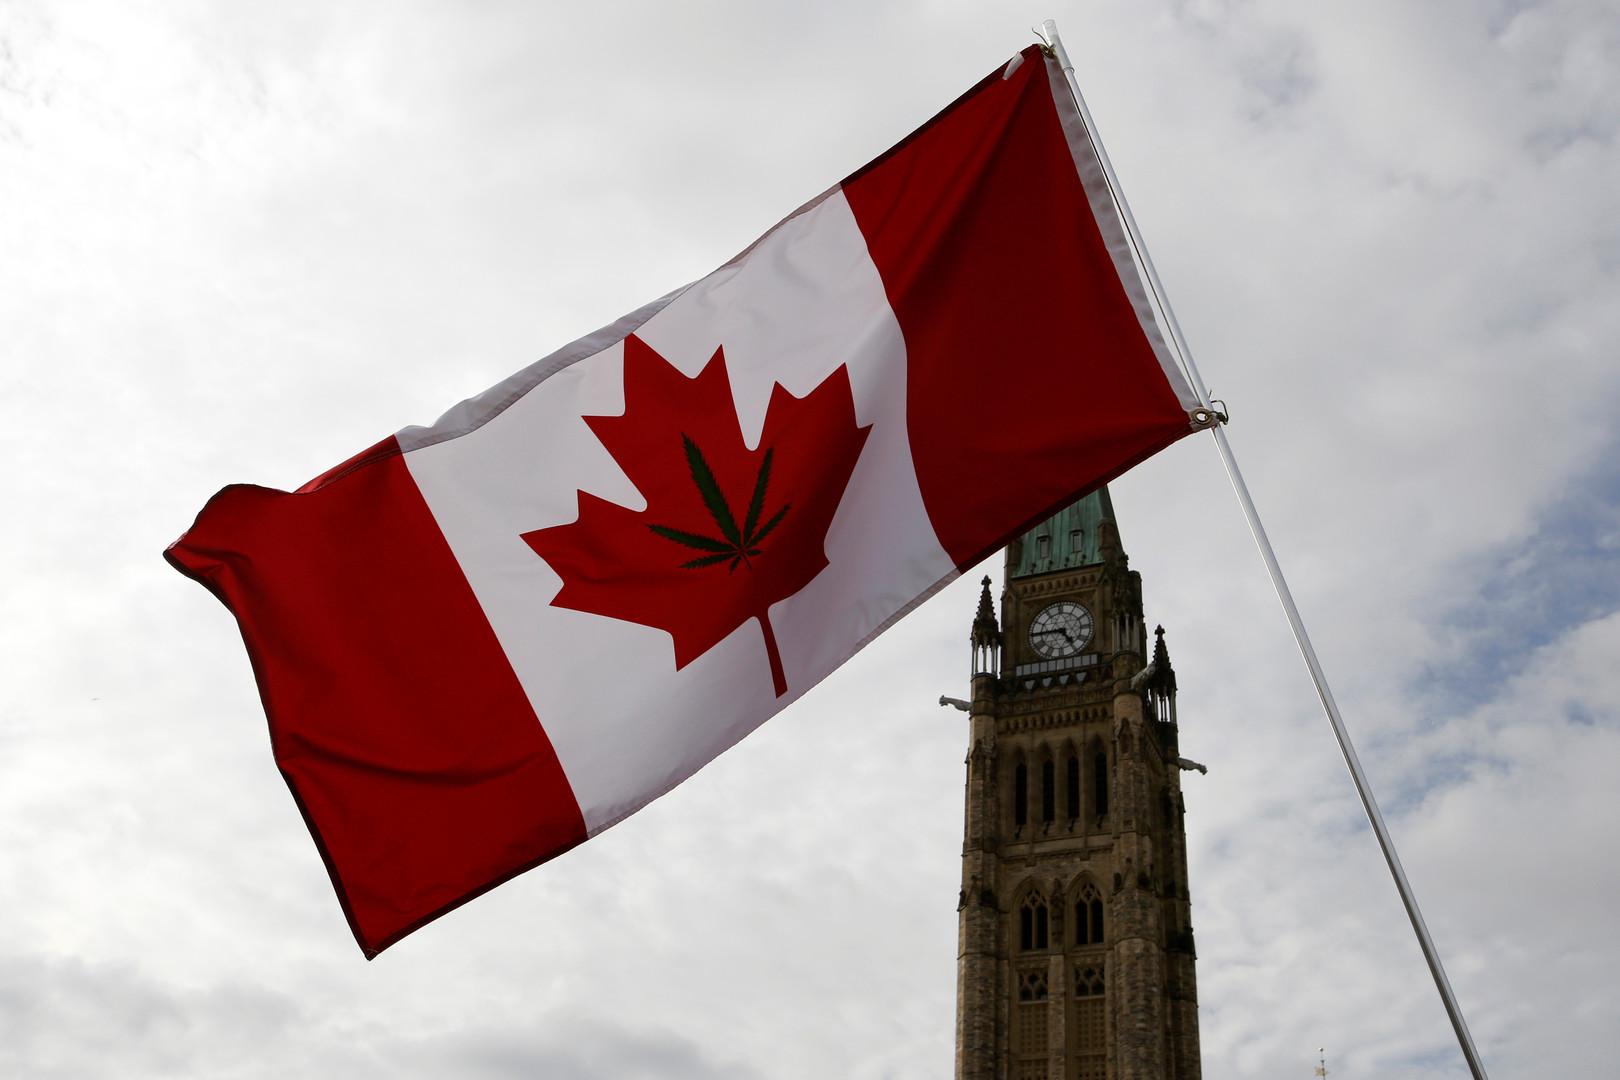 الفلبين تسحب سفيرها من كندا بسبب النفايات